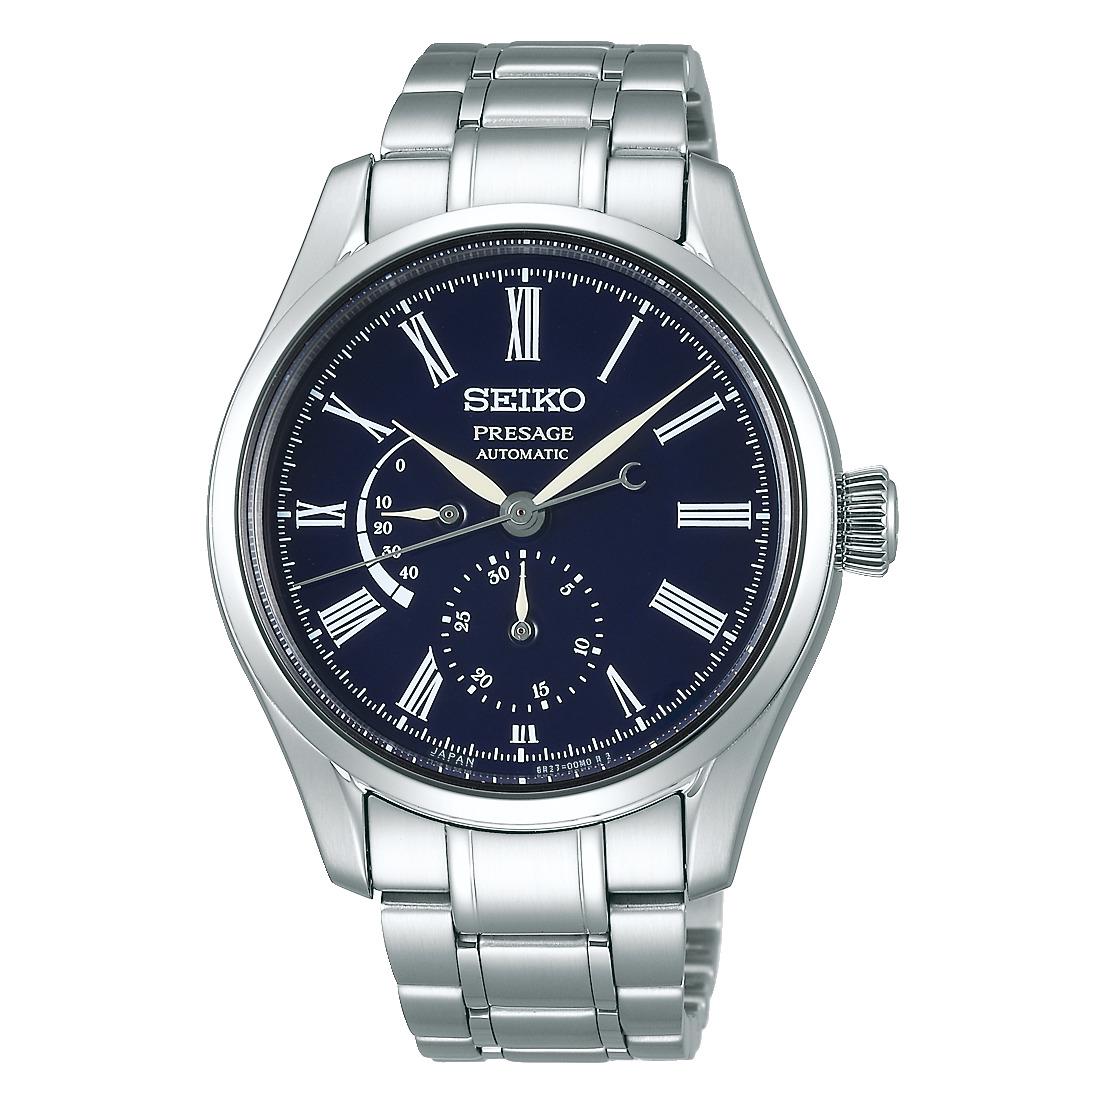 正規品 SEIKO PRESAGE セイコープレザージュ SARW047 コアショップ限定 ほうろうダイヤル 腕時計